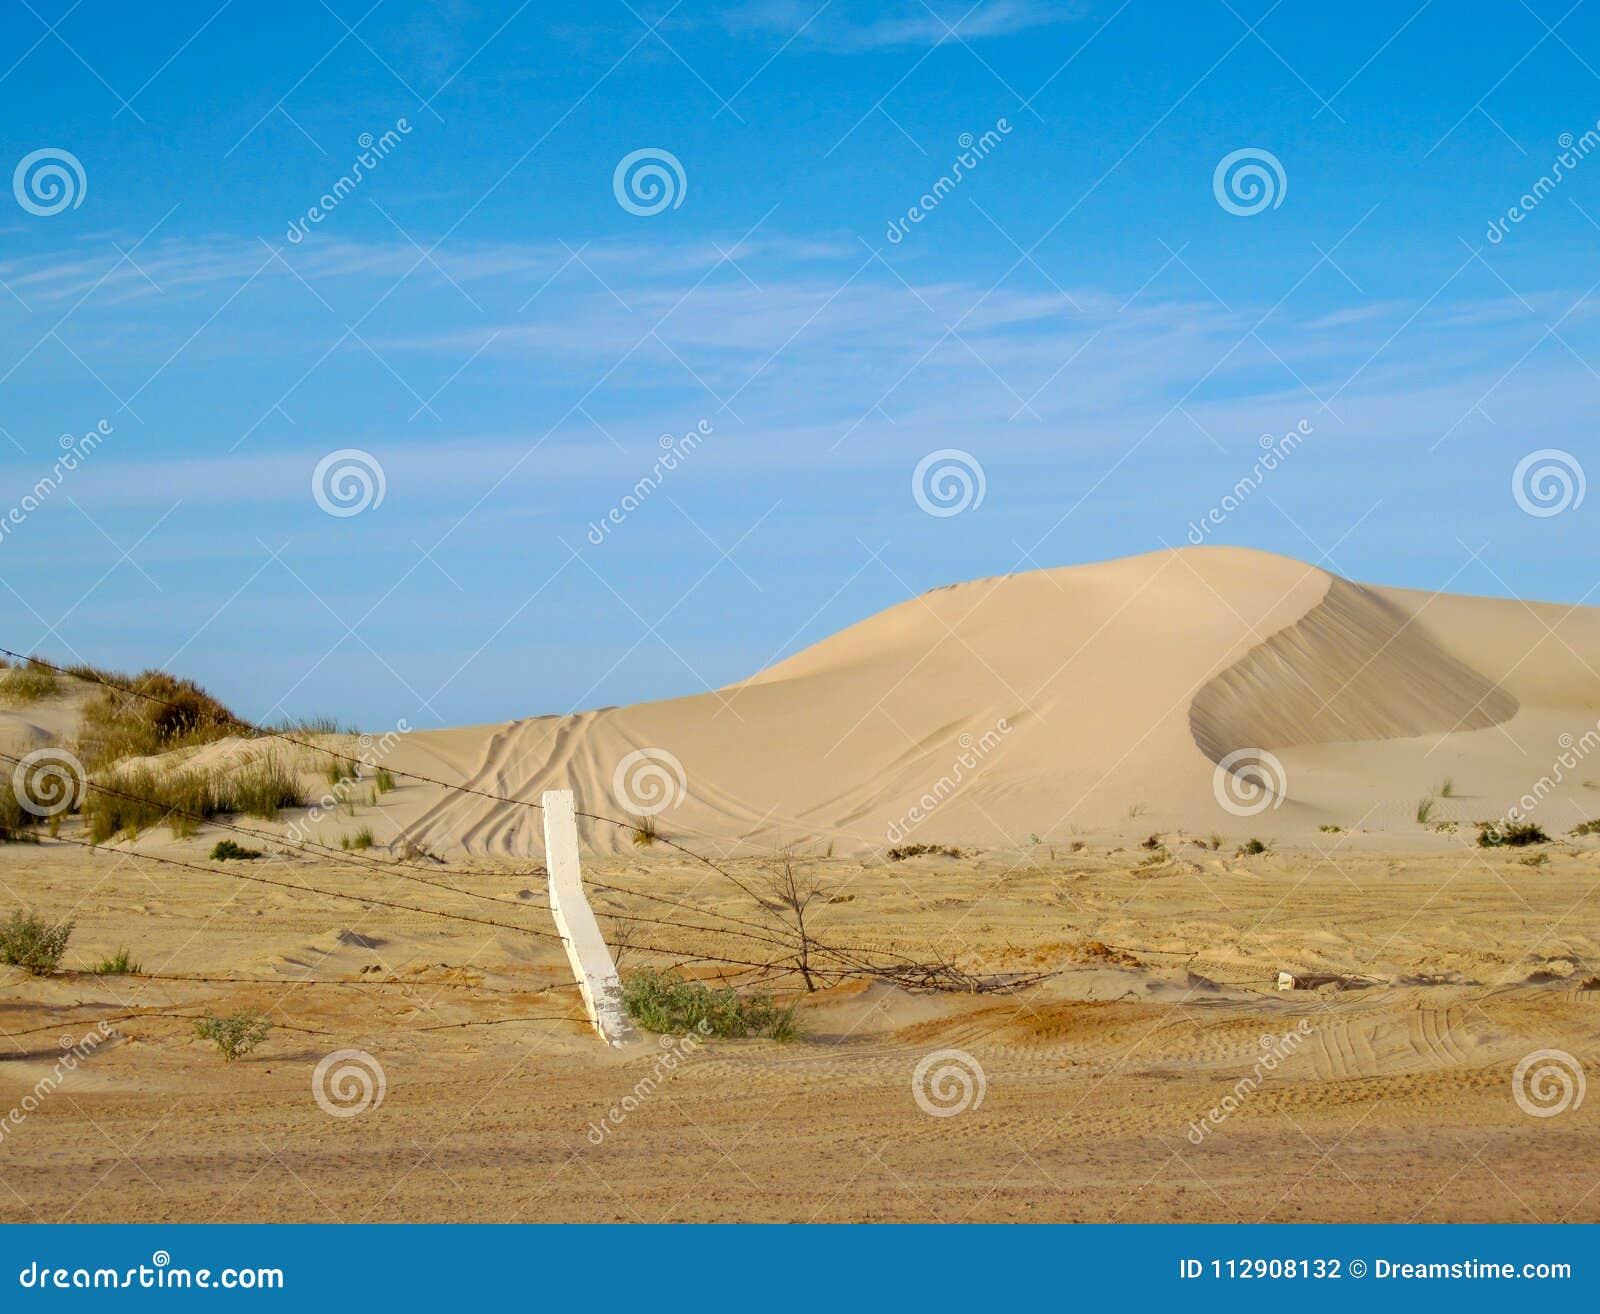 De kustzandduinen met bandsporen en het prikkeldraad schermen tegen blauwe hemel in Libië